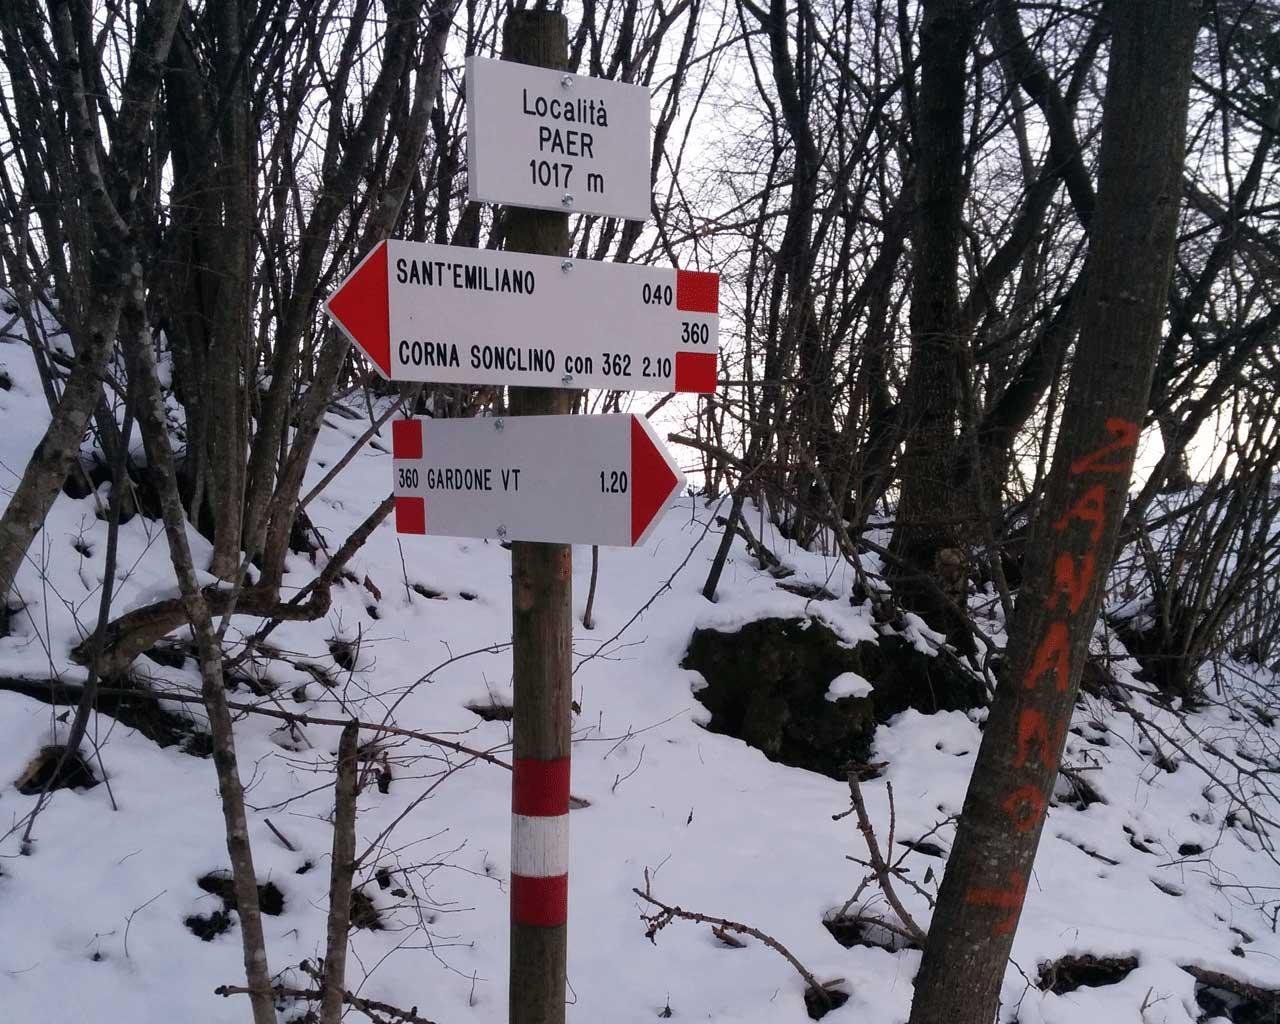 Il bosco innevato in località Paér, attorno ai segnavia per Sant'Emiliano